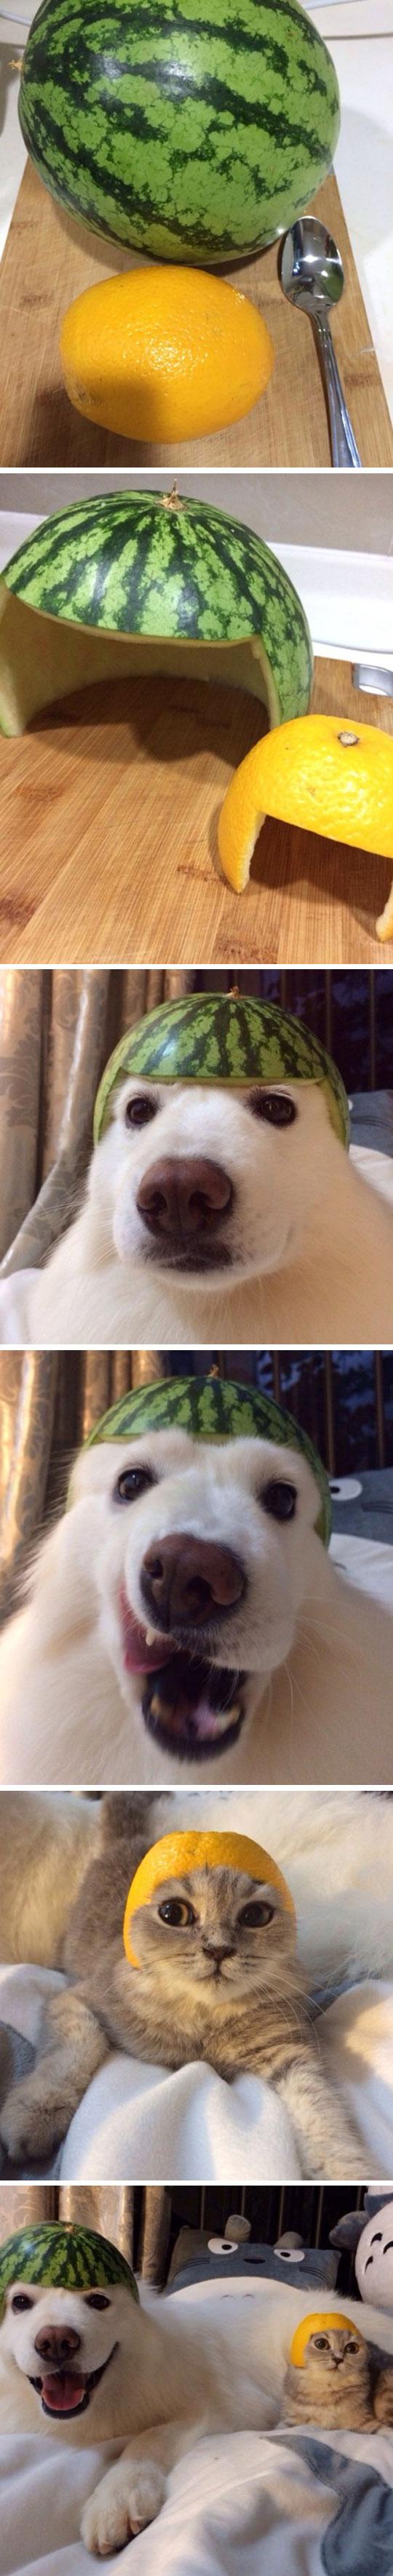 funny-fruits-hats-dog-cat-cutting